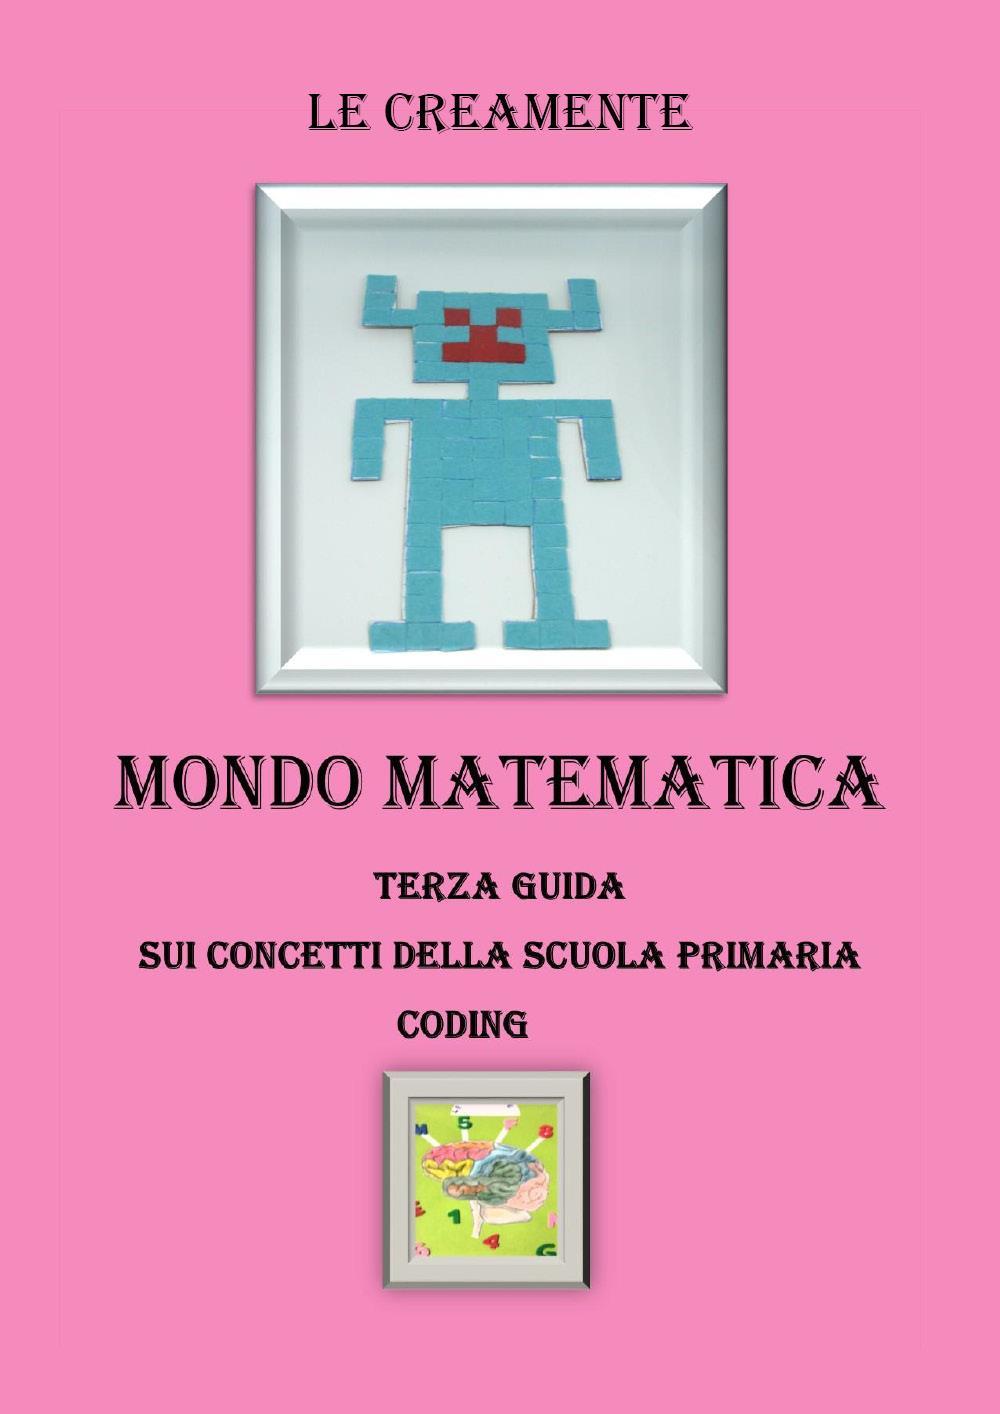 Mondo matematica. Terza Guida sui concetti della scuola primaria coding